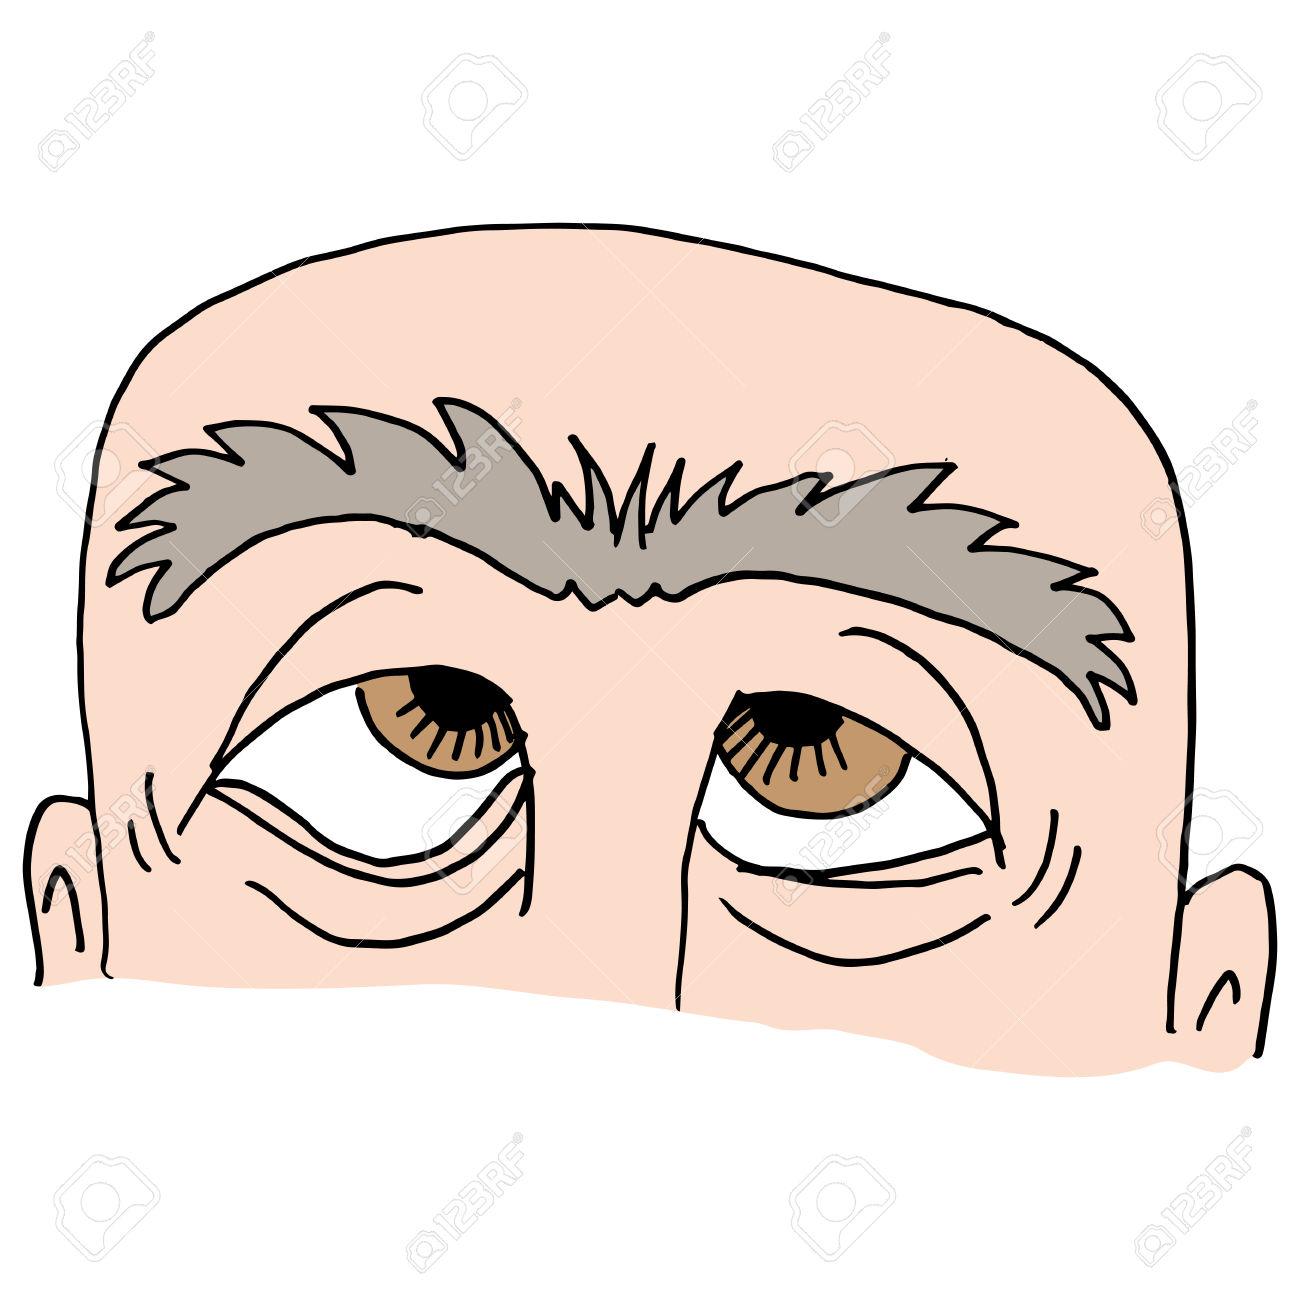 Una Imagen Del Hombre Con La Ceja Cerrada. Ilustraciones.